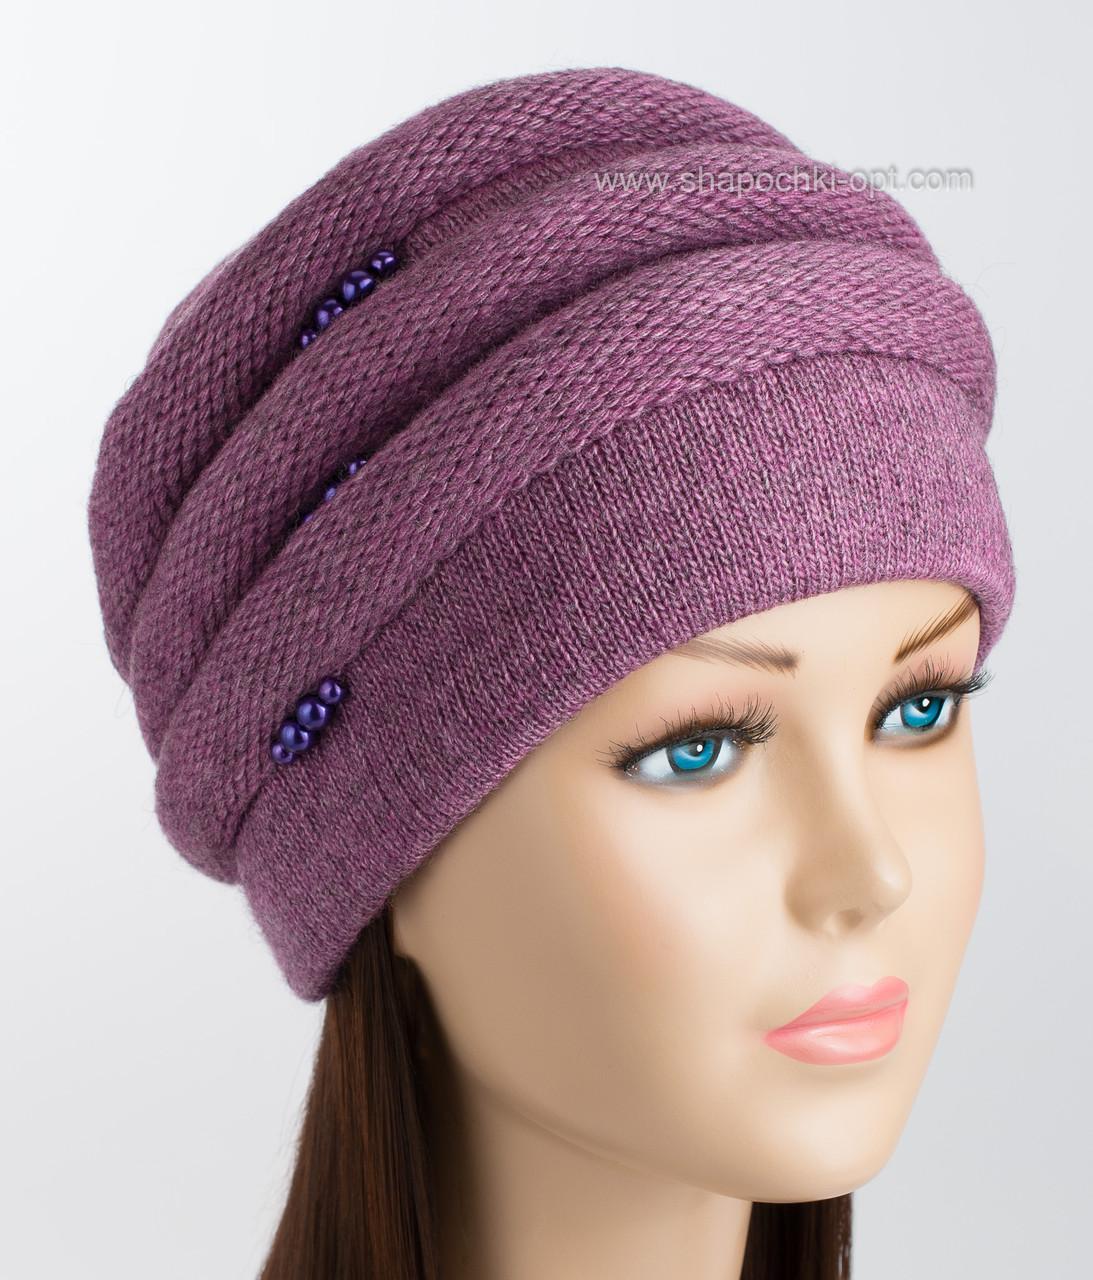 красивая вязаная шапка каприз цвет слива продажа цена в одессе